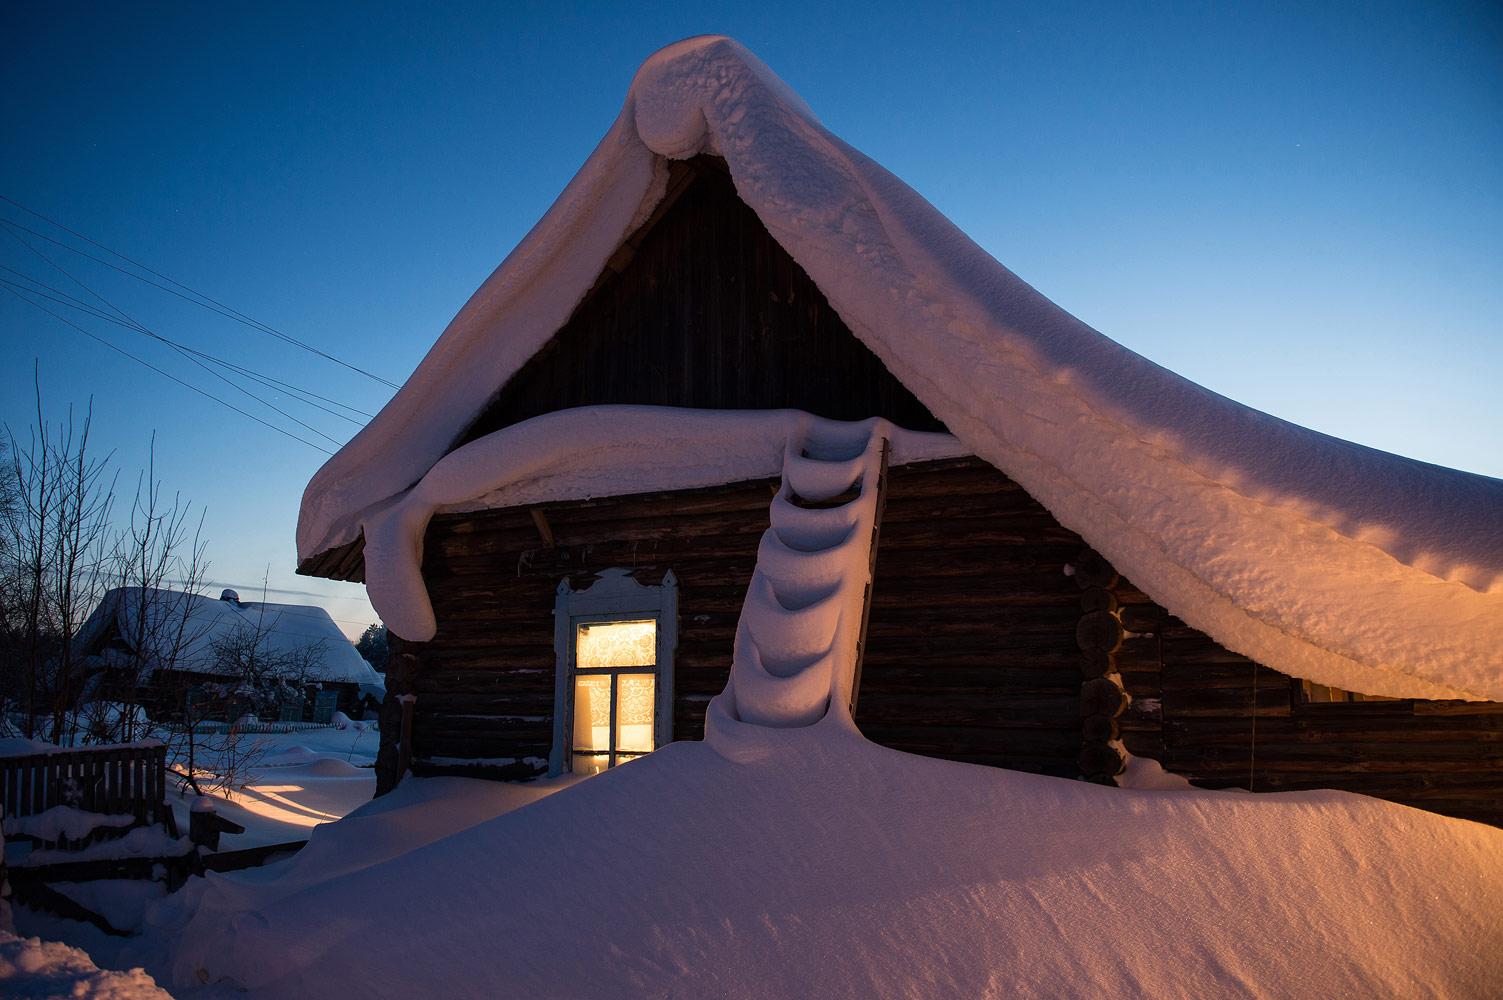 Алексей Мальгавко, Там, где белый чистый снег..., 1 место в номинации «Серия», профессионалы, Фотоконкурс Nikon «Я в сердце изображения»